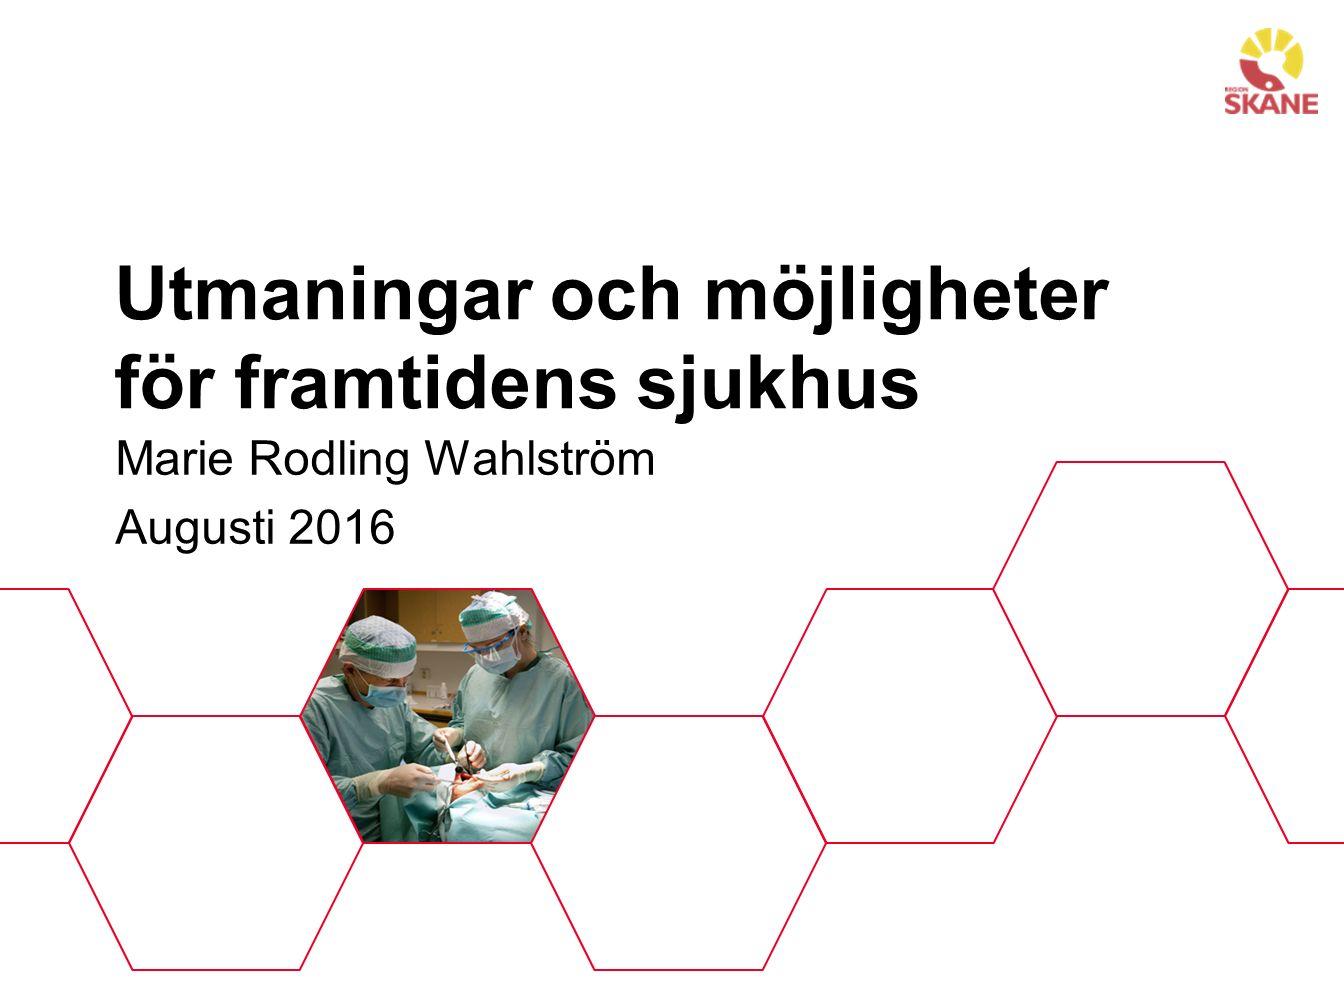 Utmaningar och möjligheter för framtidens sjukhus Marie Rodling Wahlström Augusti 2016